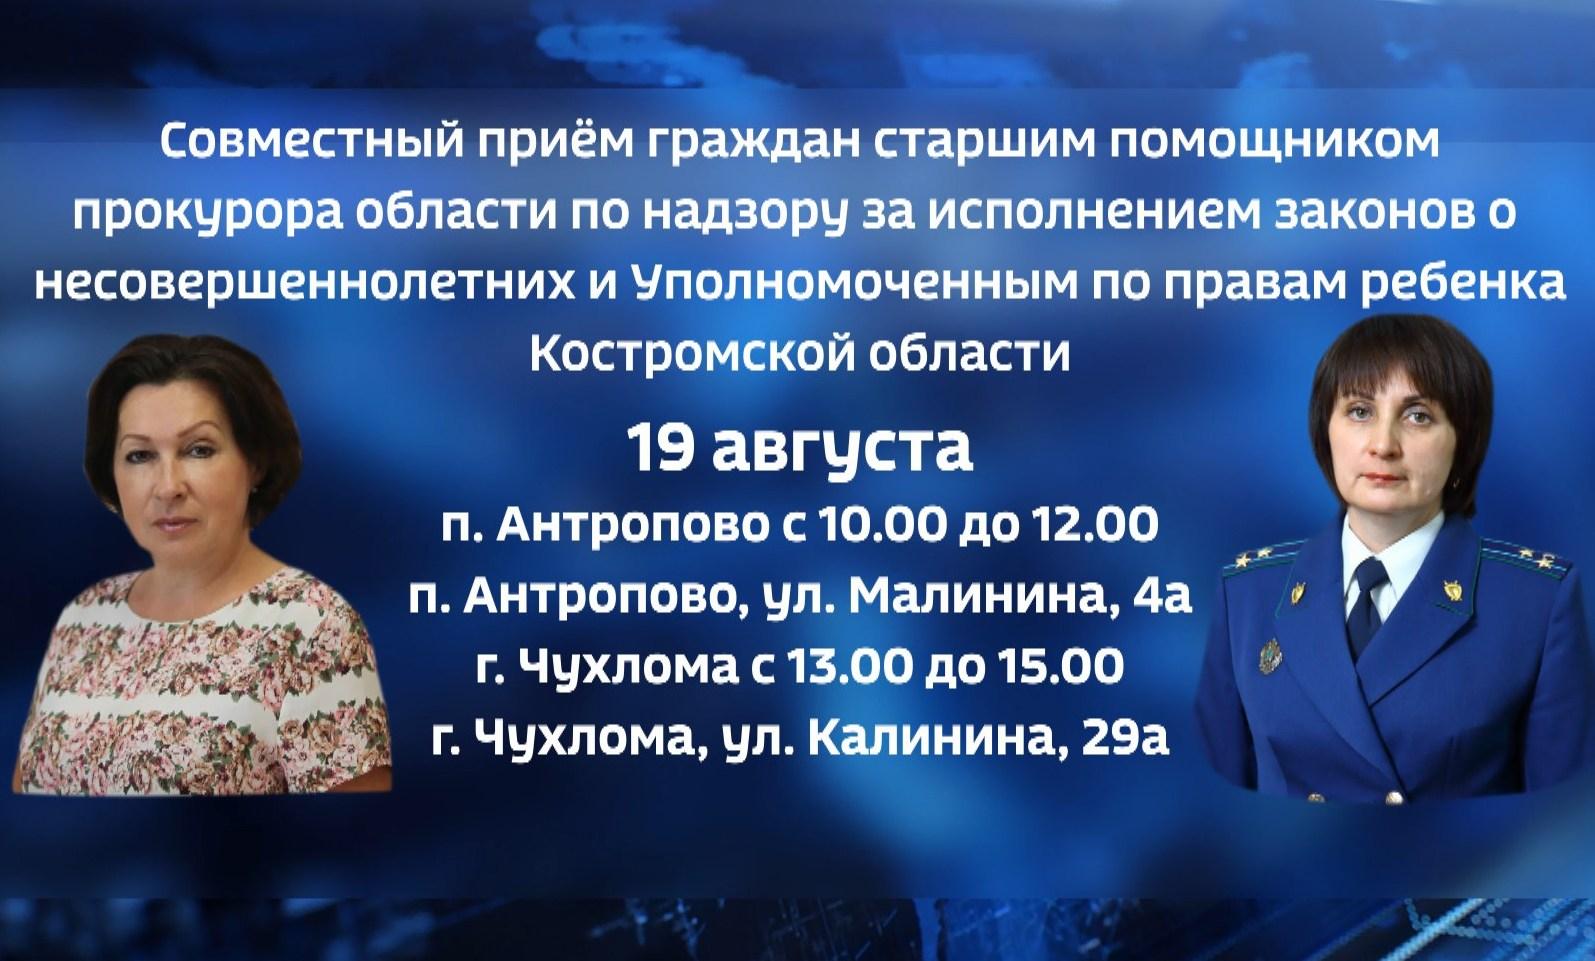 Жителей двух районов Костромской области проконсультируют по правам детей